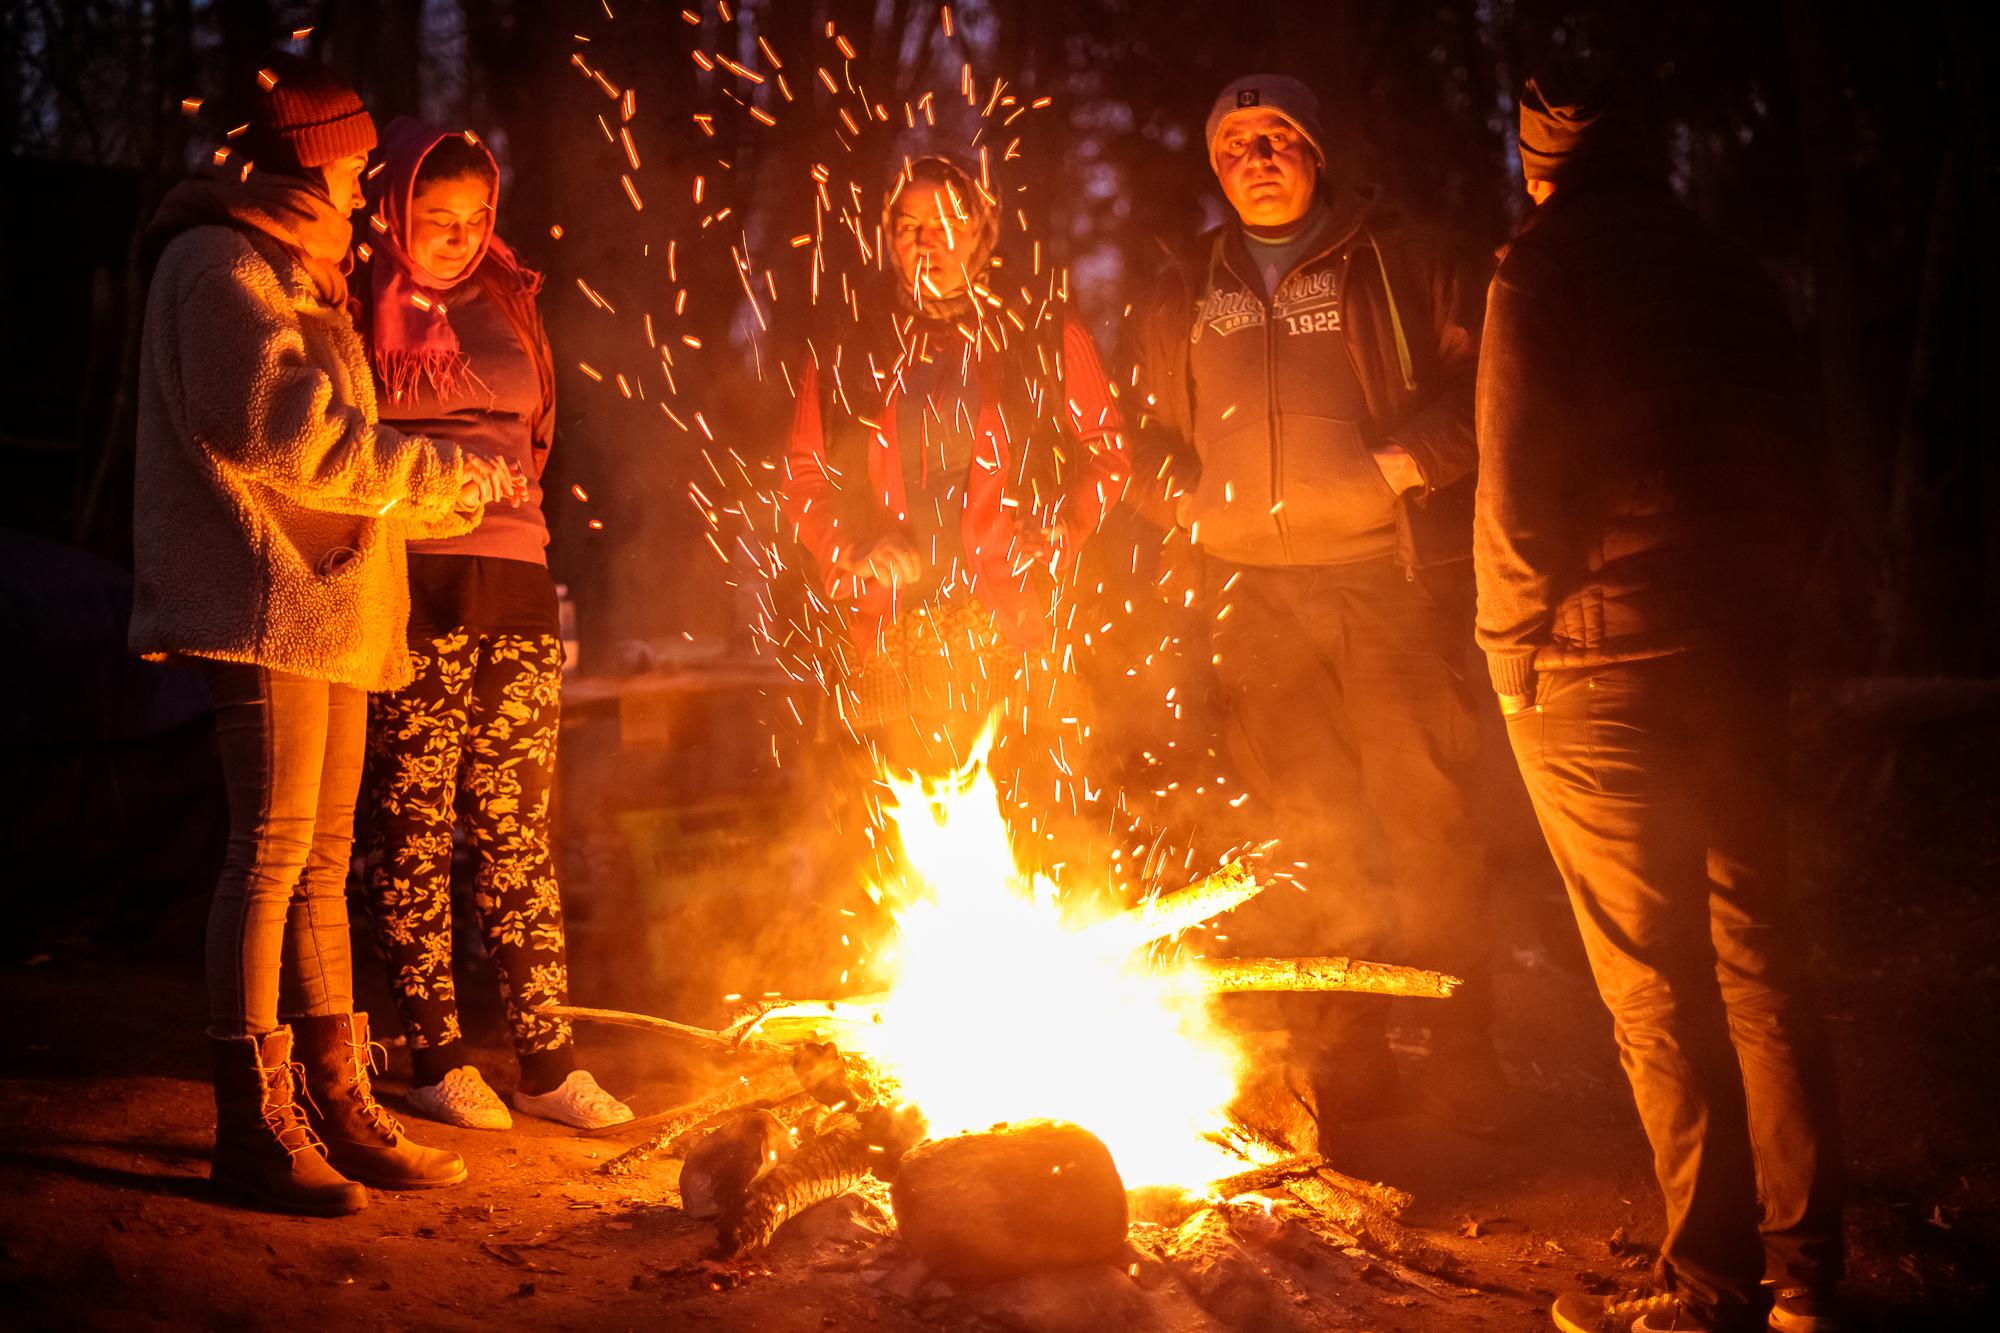 În căutarea lui Gică - românul omorât într-un parc din Huskvarna, Suedia, de doi adolescenți. Paște în pădure cu cei mai nevoiași dintre compatrioți (1)